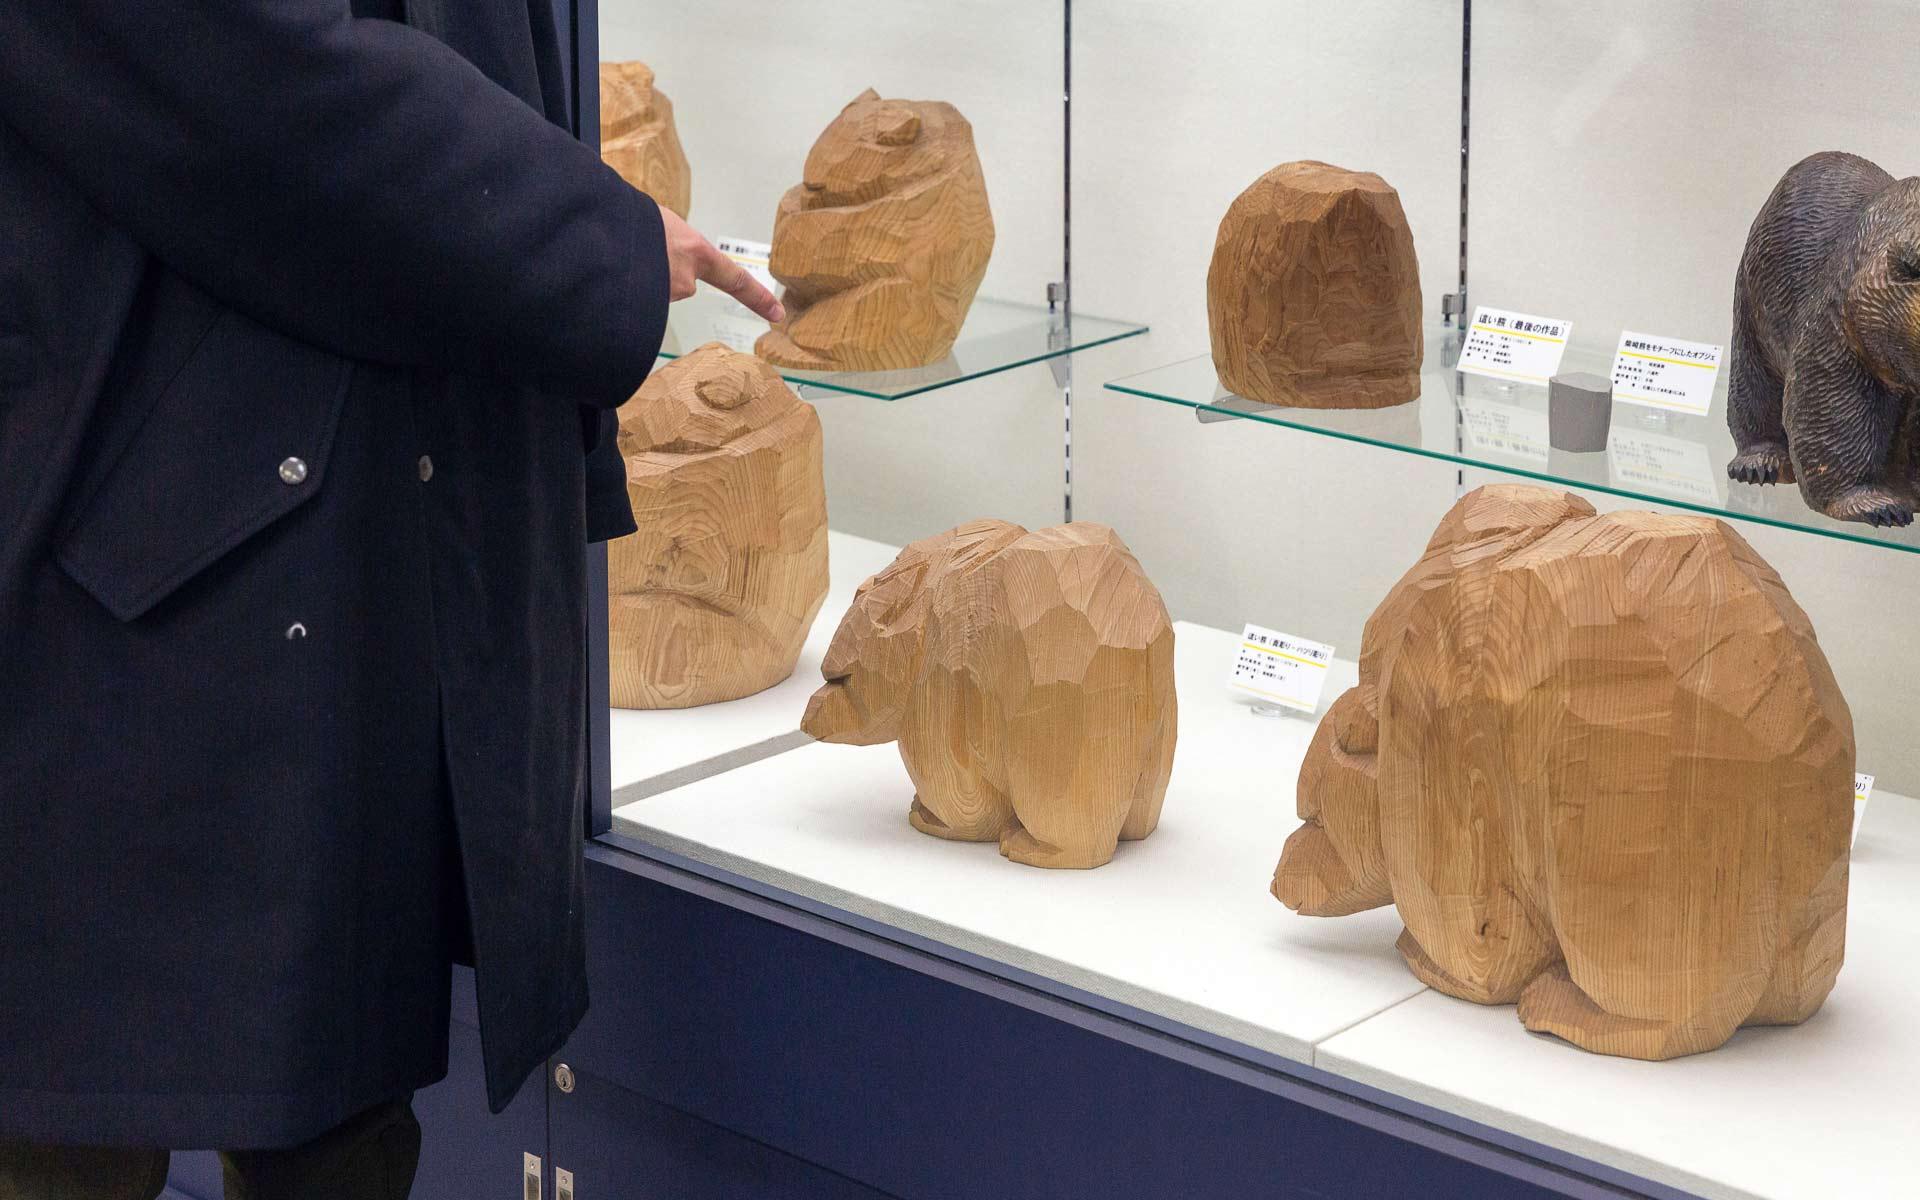 柴崎重行の面彫りが特徴の木彫り熊